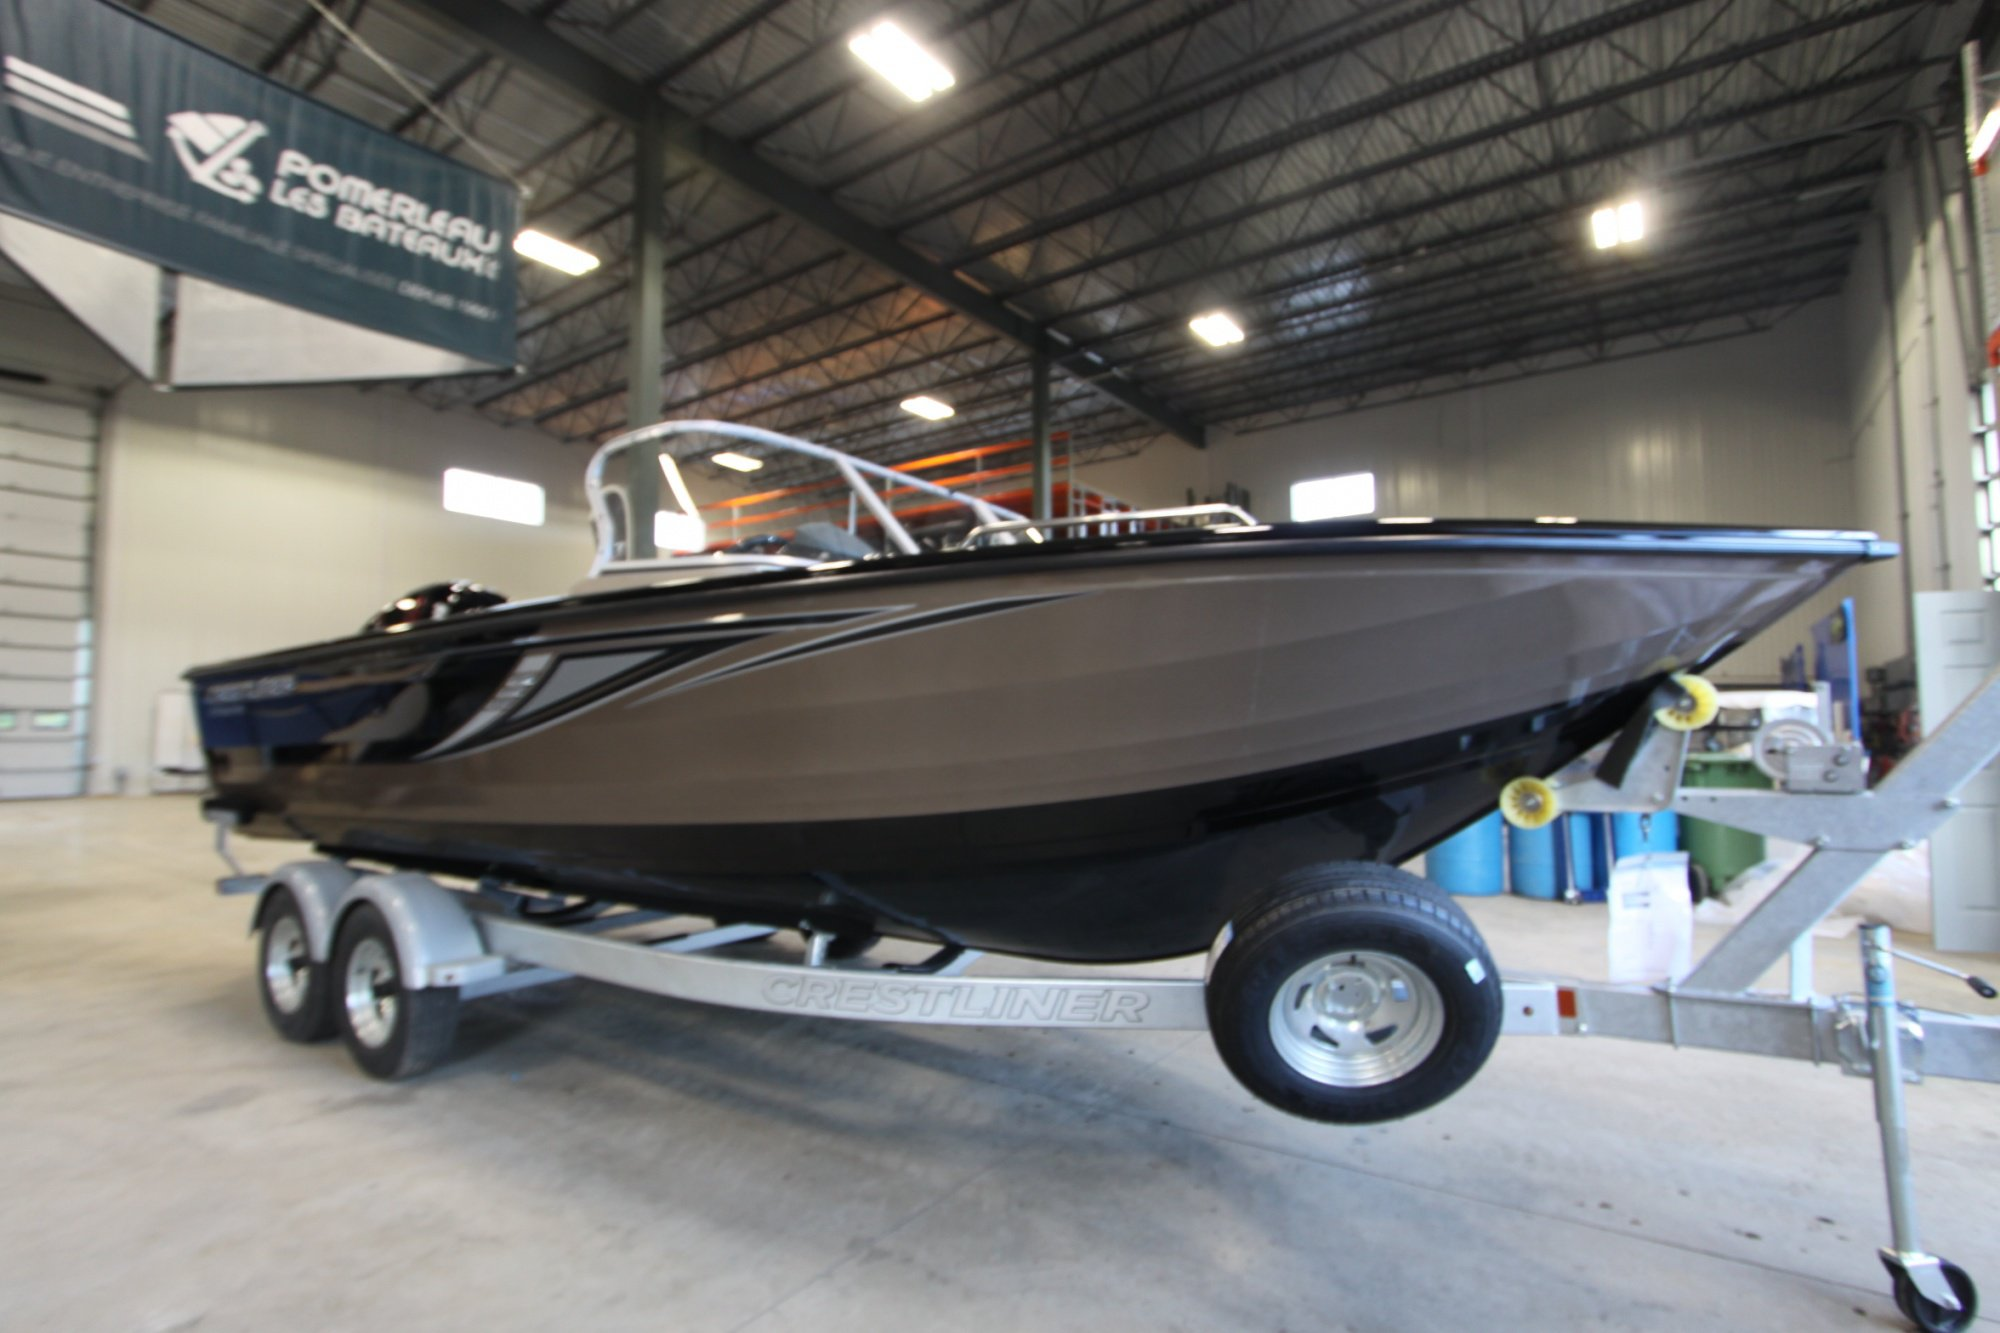 Crestliner Sportfish 2150 SST - IMG_3600